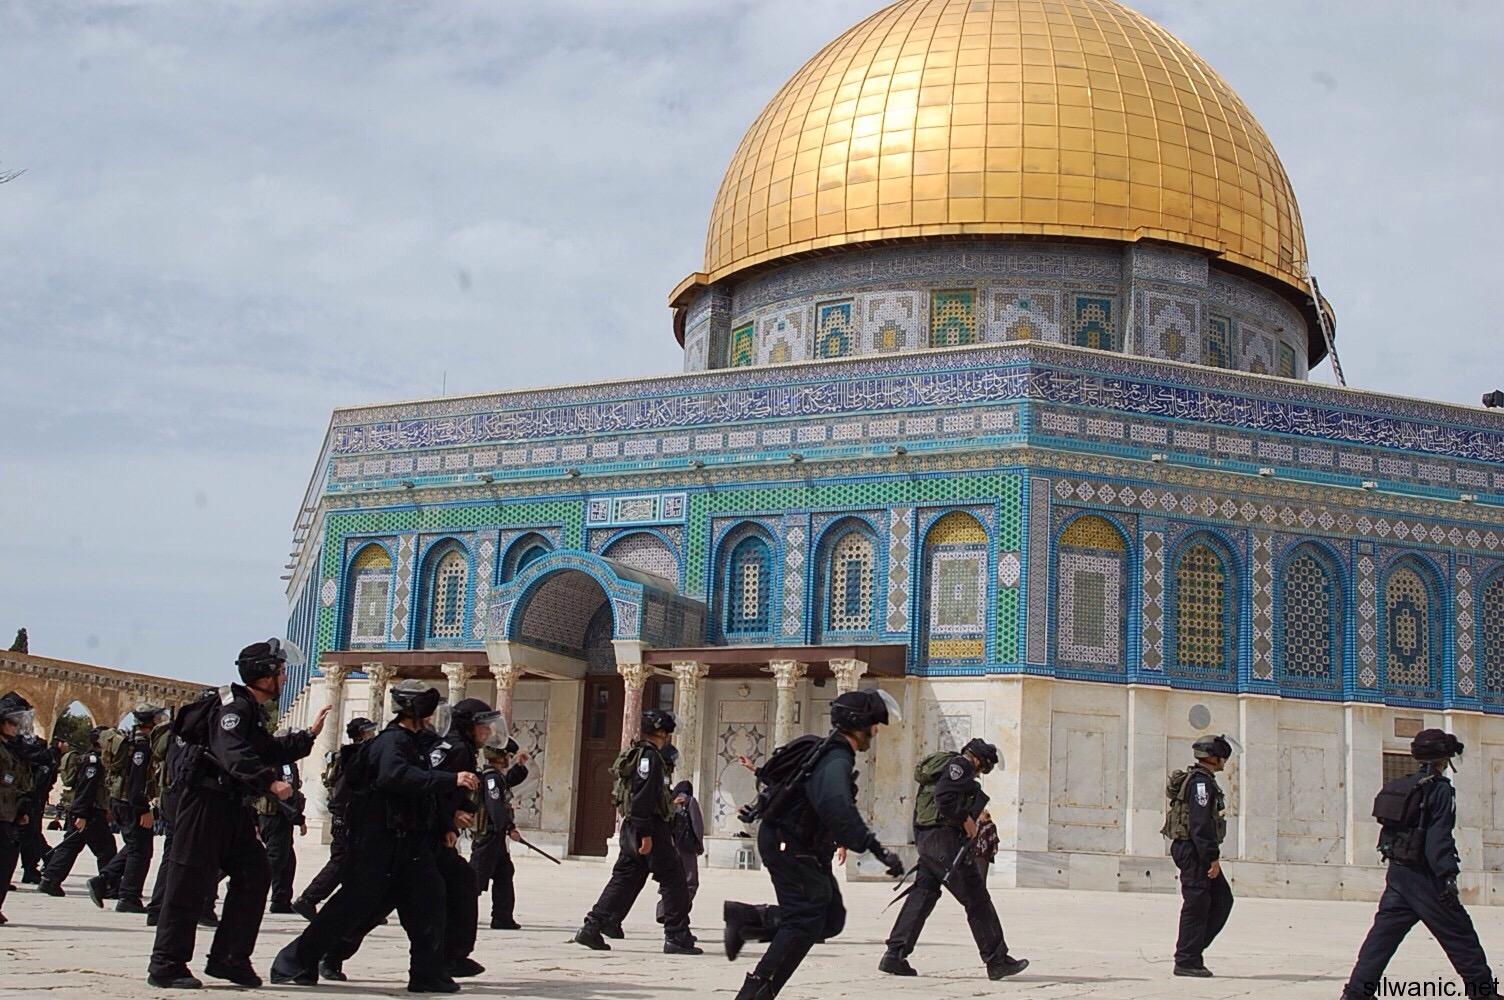 الاحتلال يحطم بوابات المسجد الأقصى التاريخية وإصابات في صفوف المرابطين